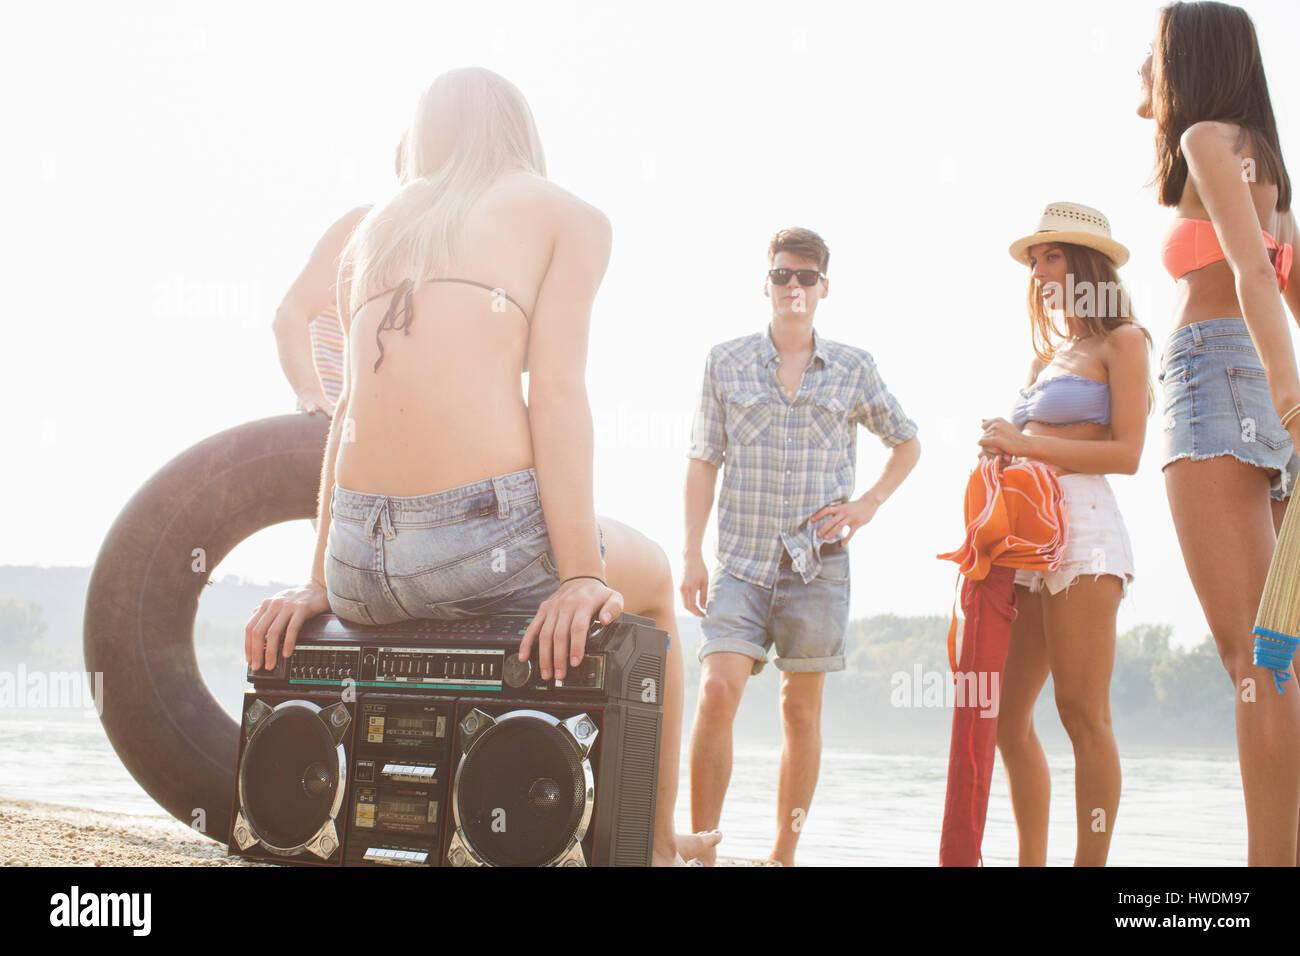 Gruppe von Freunden genießen Beach-party Stockbild